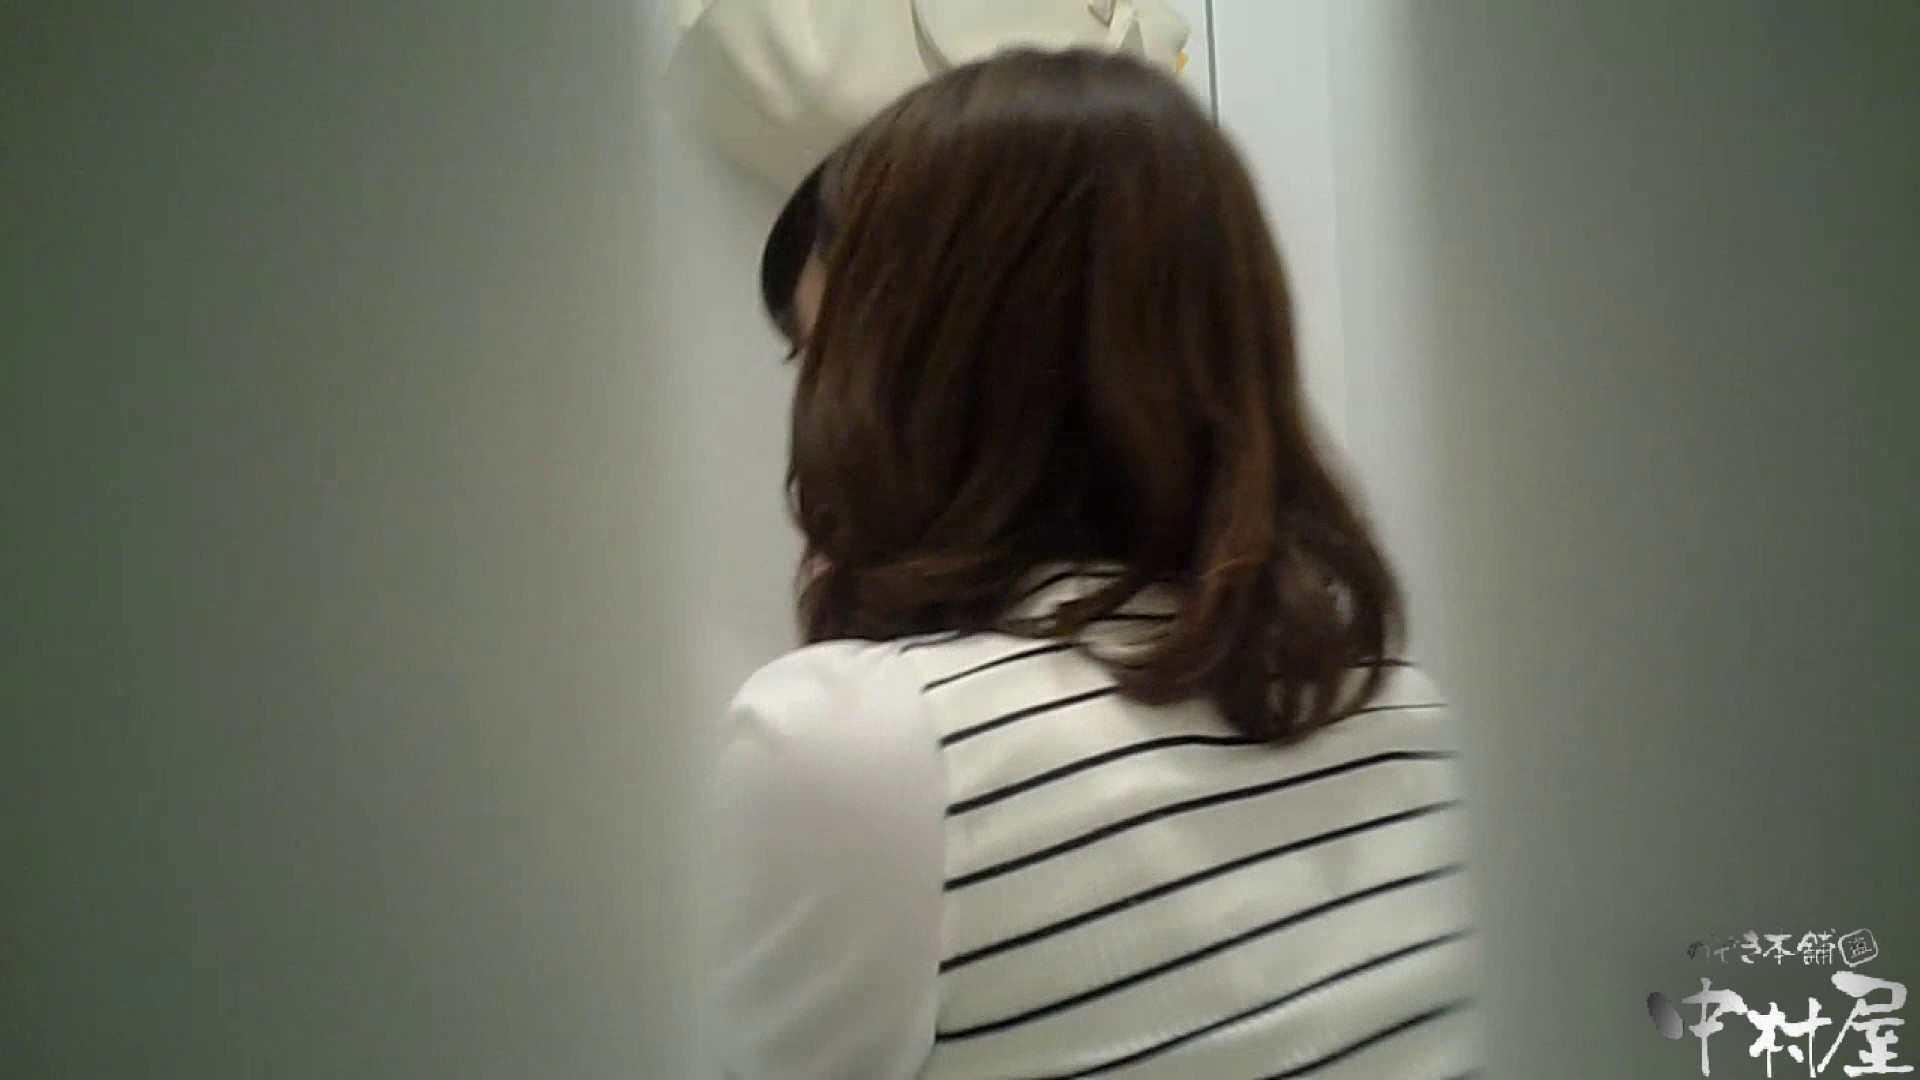 【某有名大学女性洗面所】有名大学女性洗面所 vol.37 ついでにアンダーヘアーの状態確認ですね。 潜入  60連発 60